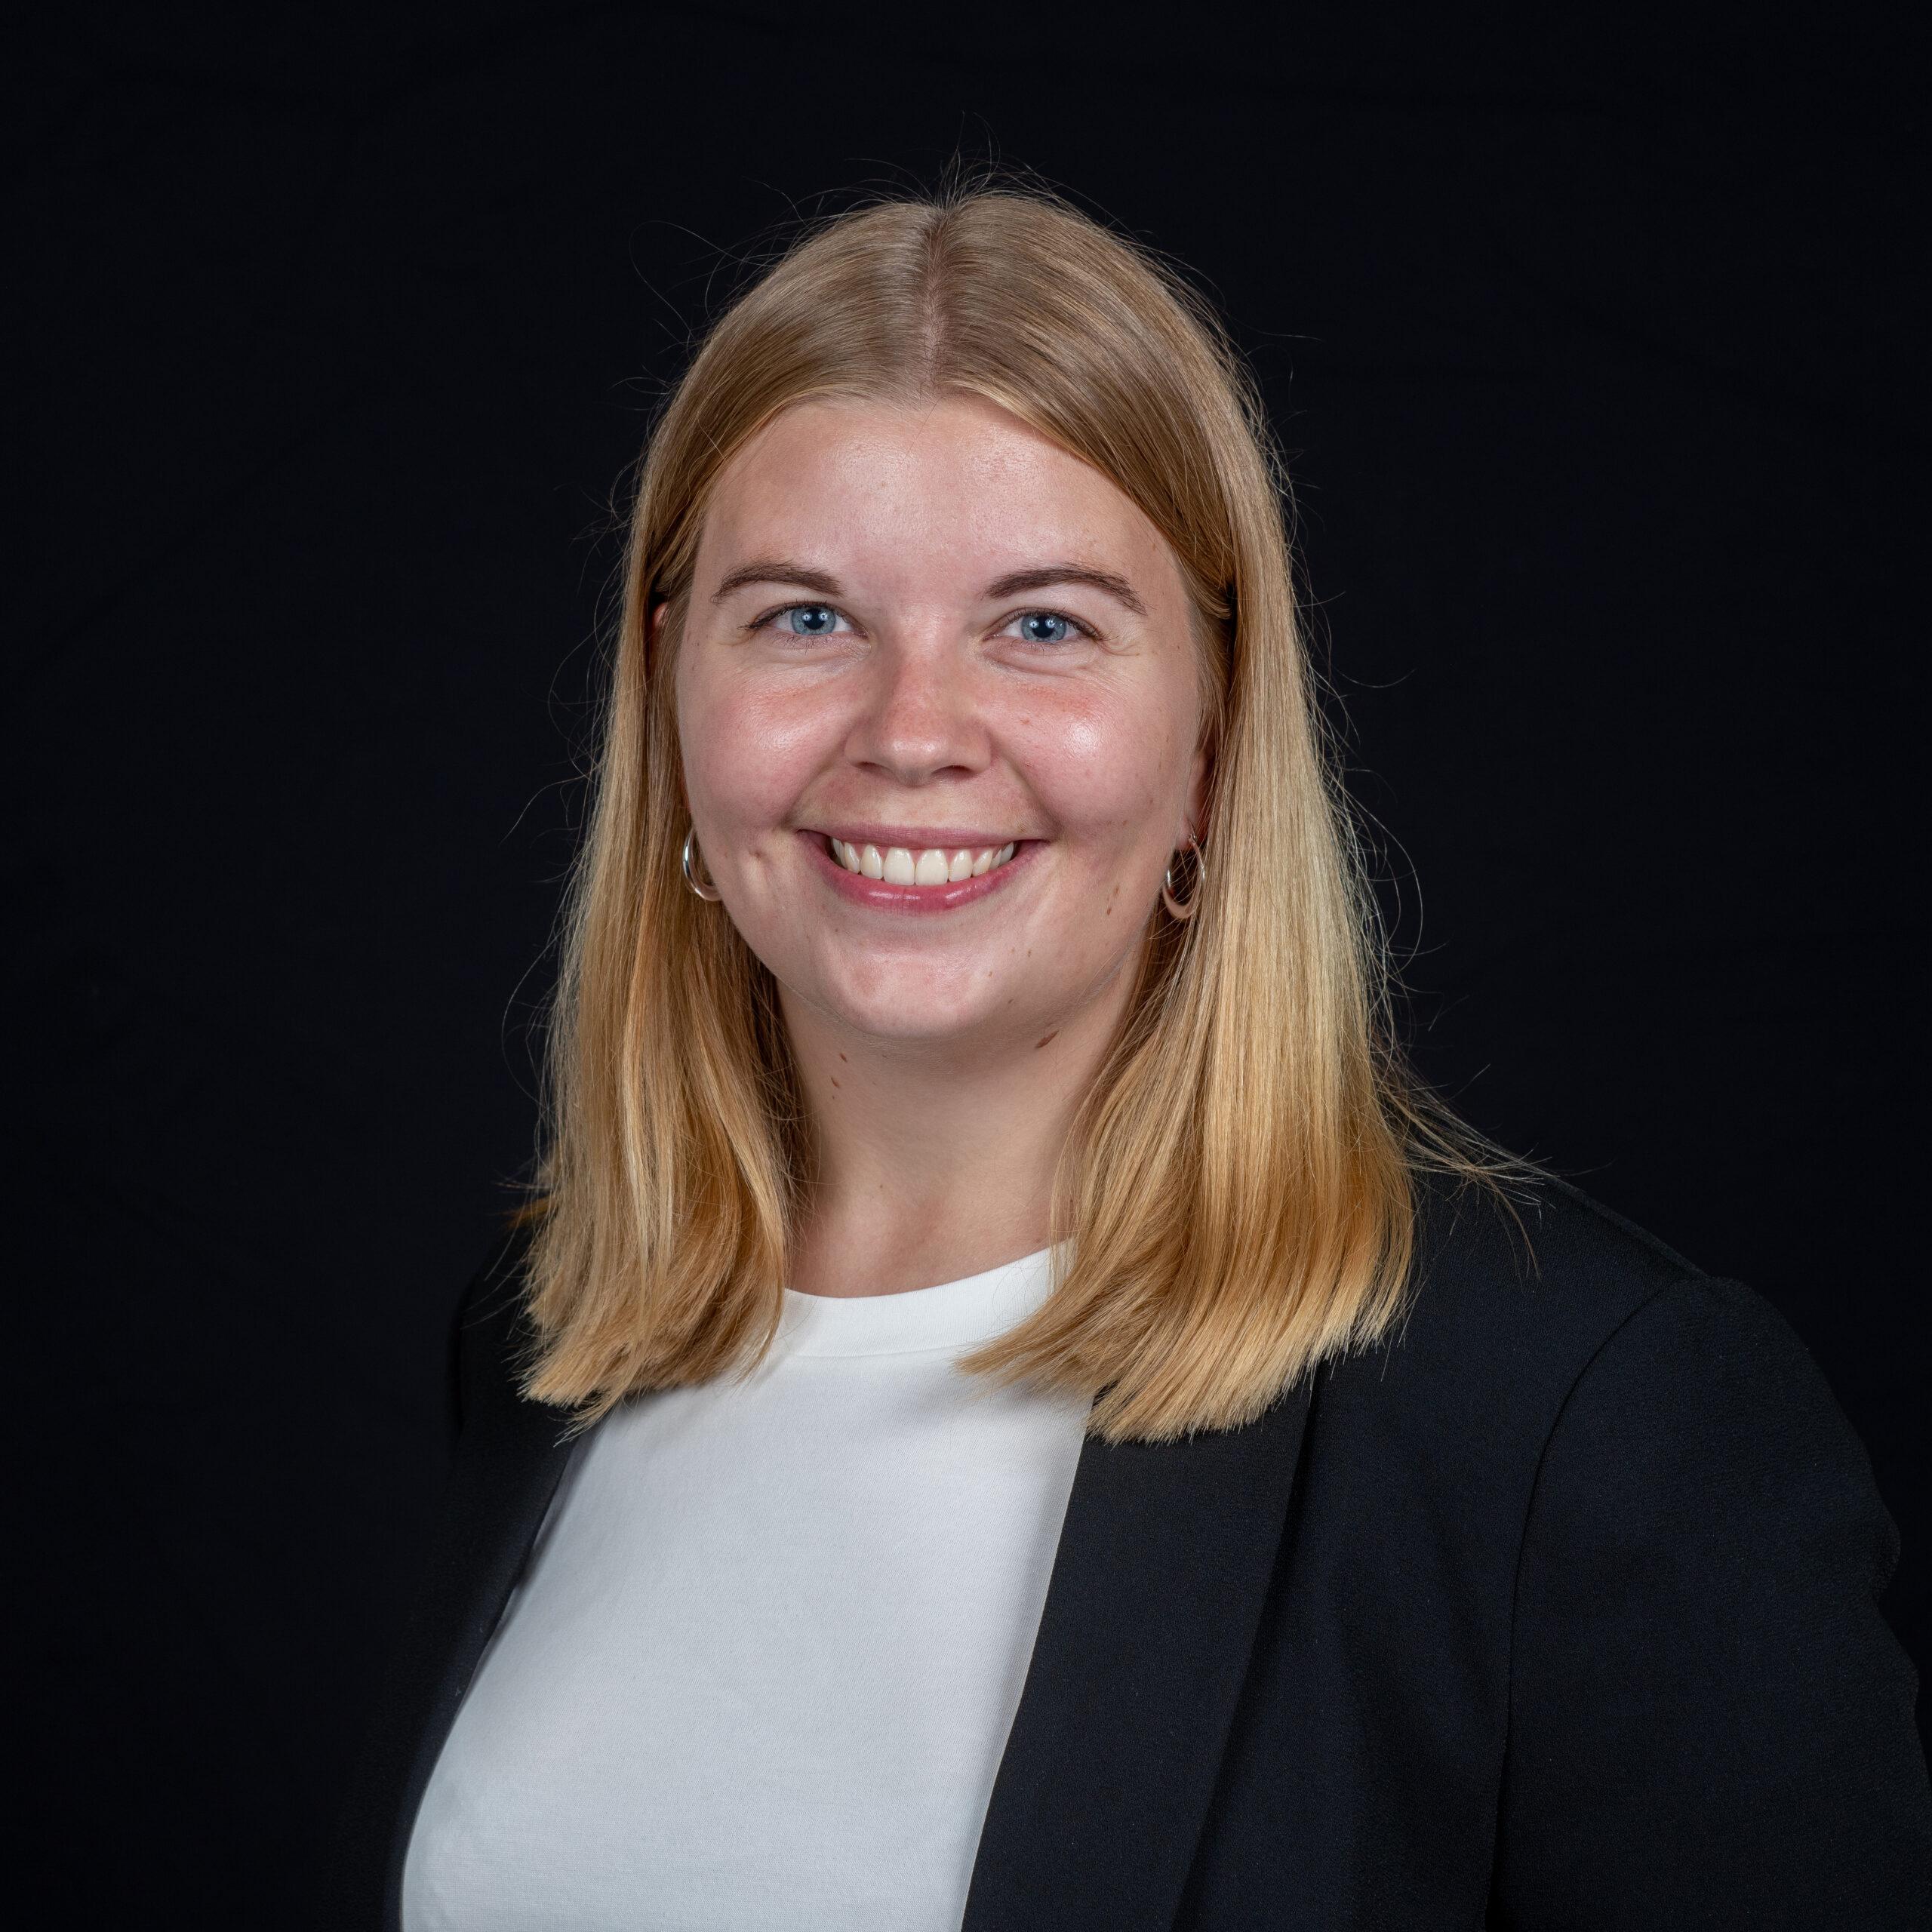 Marie Skougaard